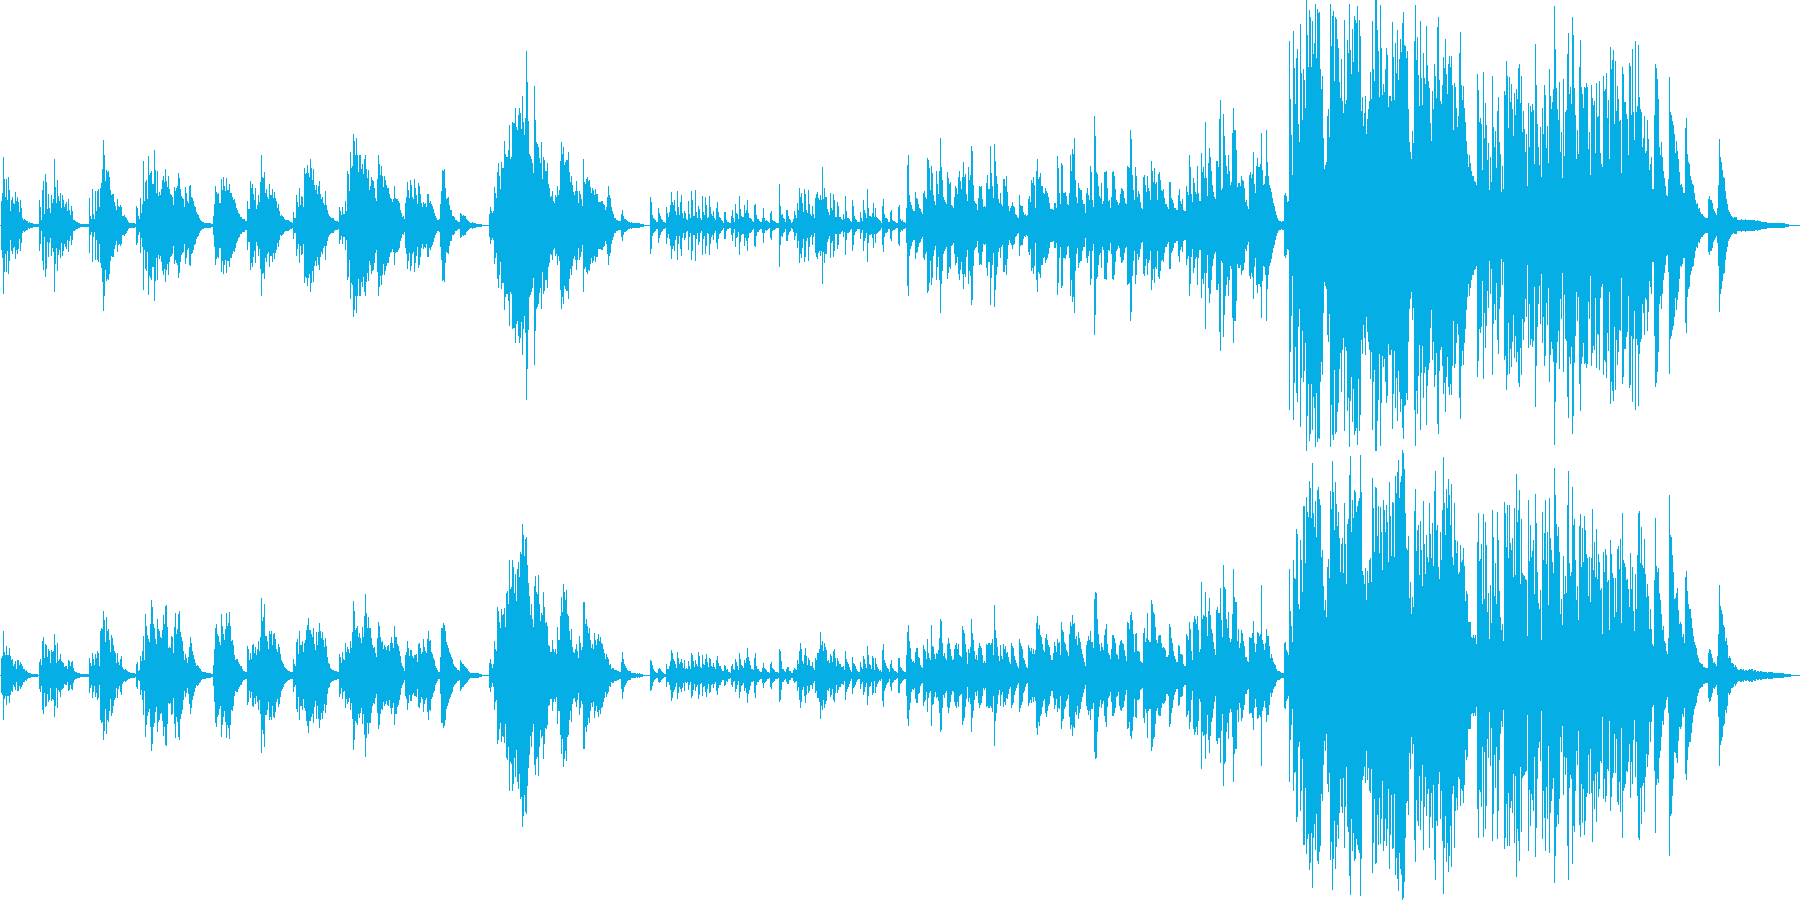 昔を懐かしむピアノ曲の再生済みの波形